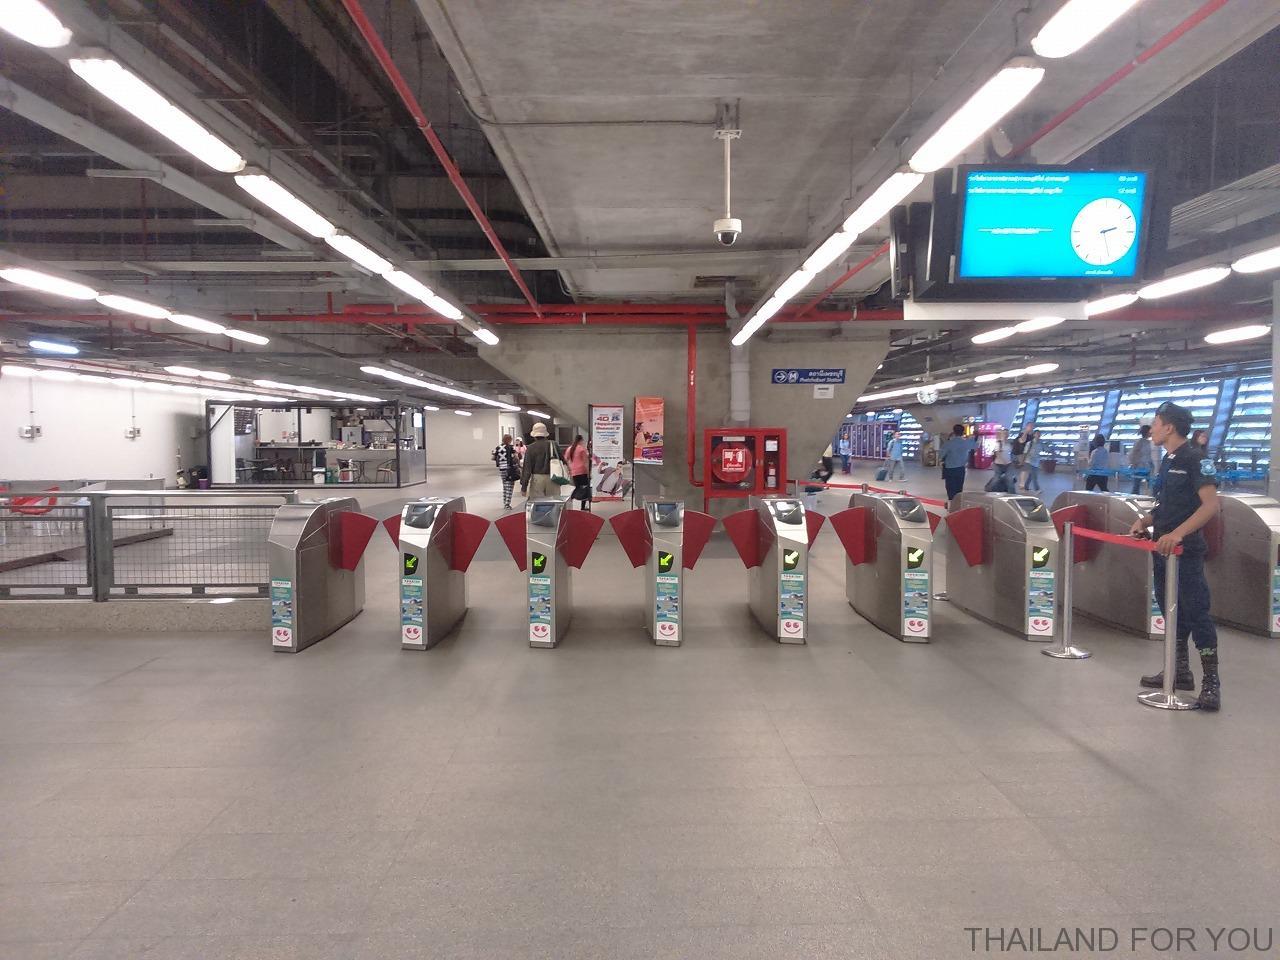 スワンナプーム国際空港からエアポートリンクで市内に出て地下鉄(MRT)に乗り換える方法